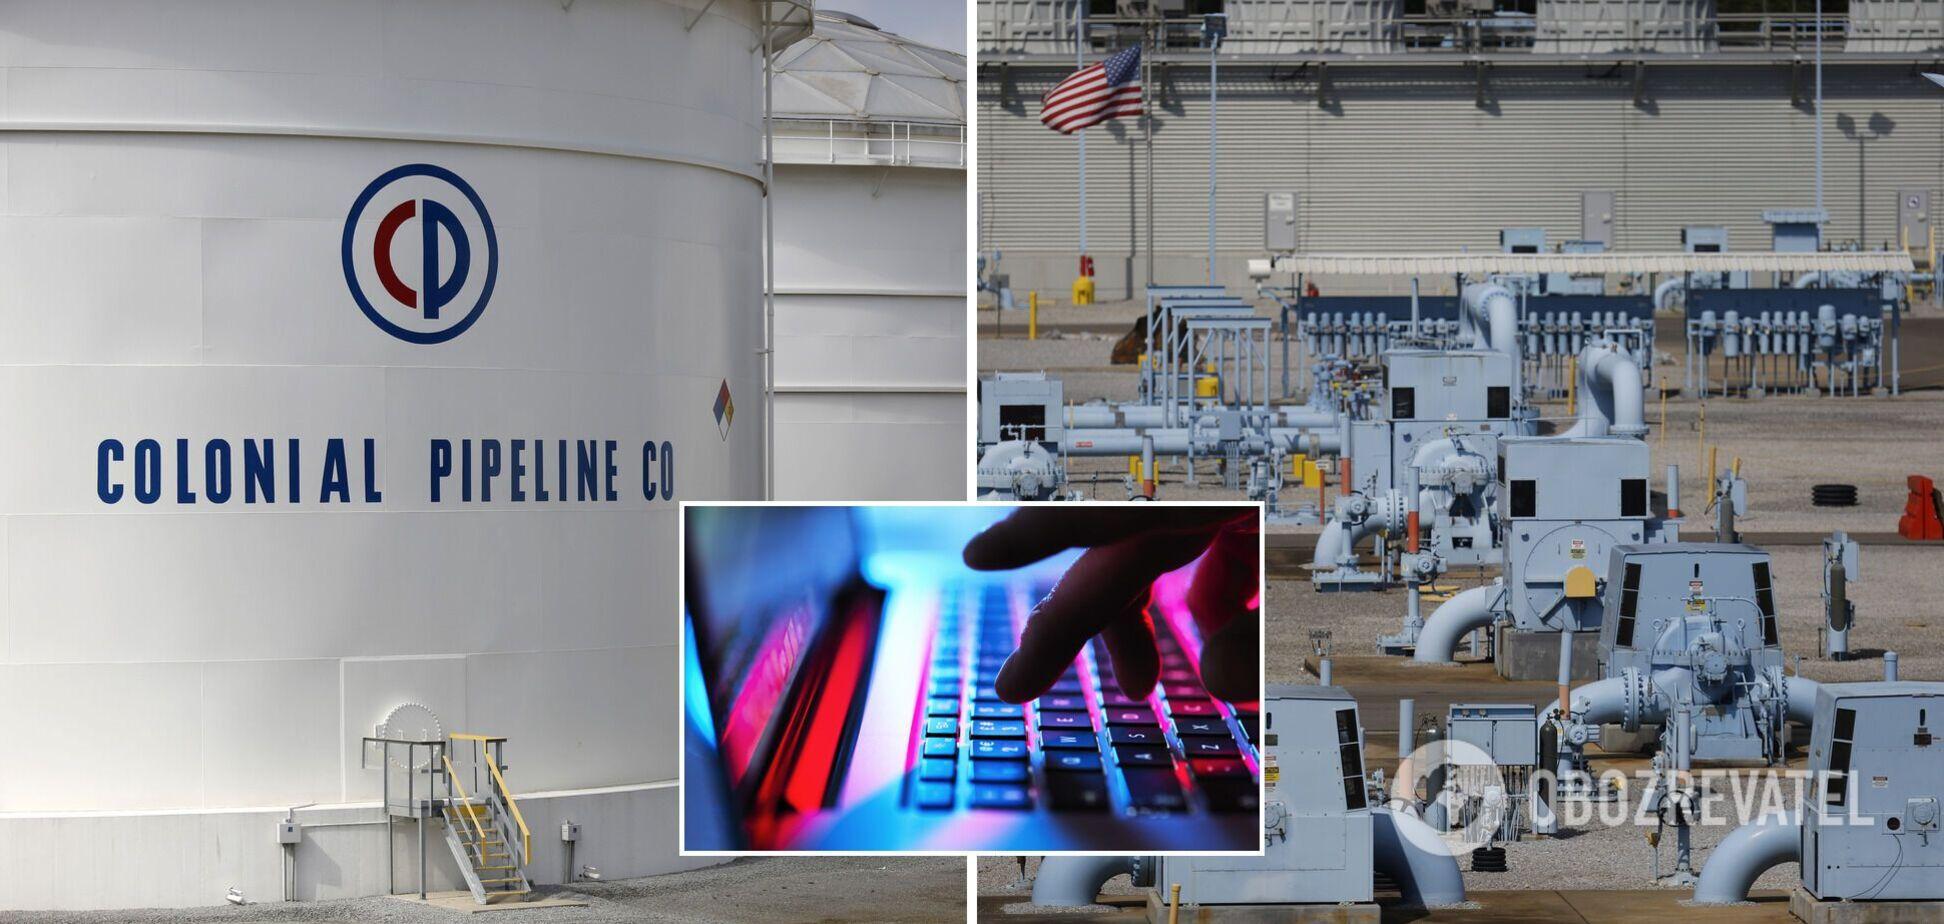 Хакеры атаковали один из крупнейших трубопроводов США